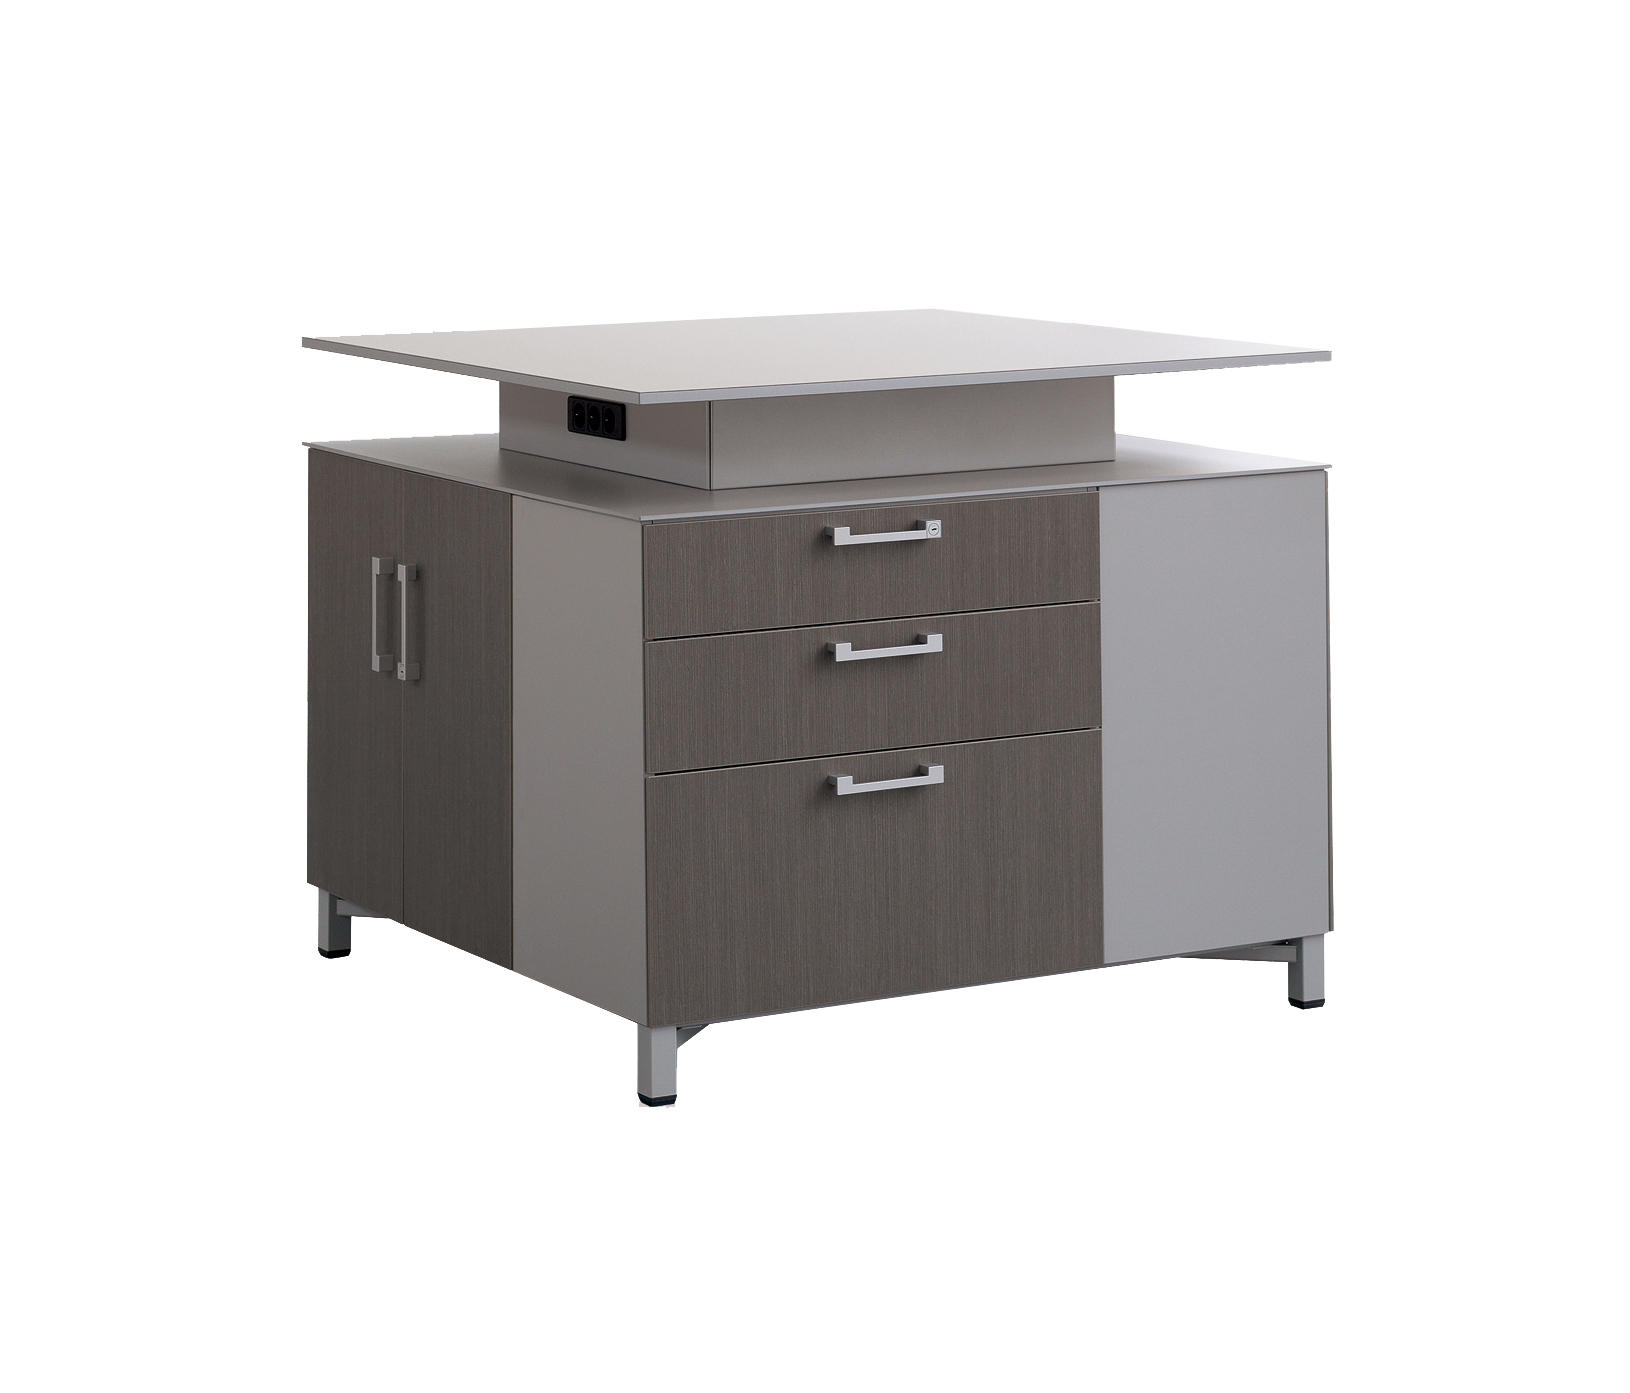 Meuble bas cuisine brico depot beautiful elegant meuble cuisine bali brico depot dimensions - Brico depot tiroir cuisine ...